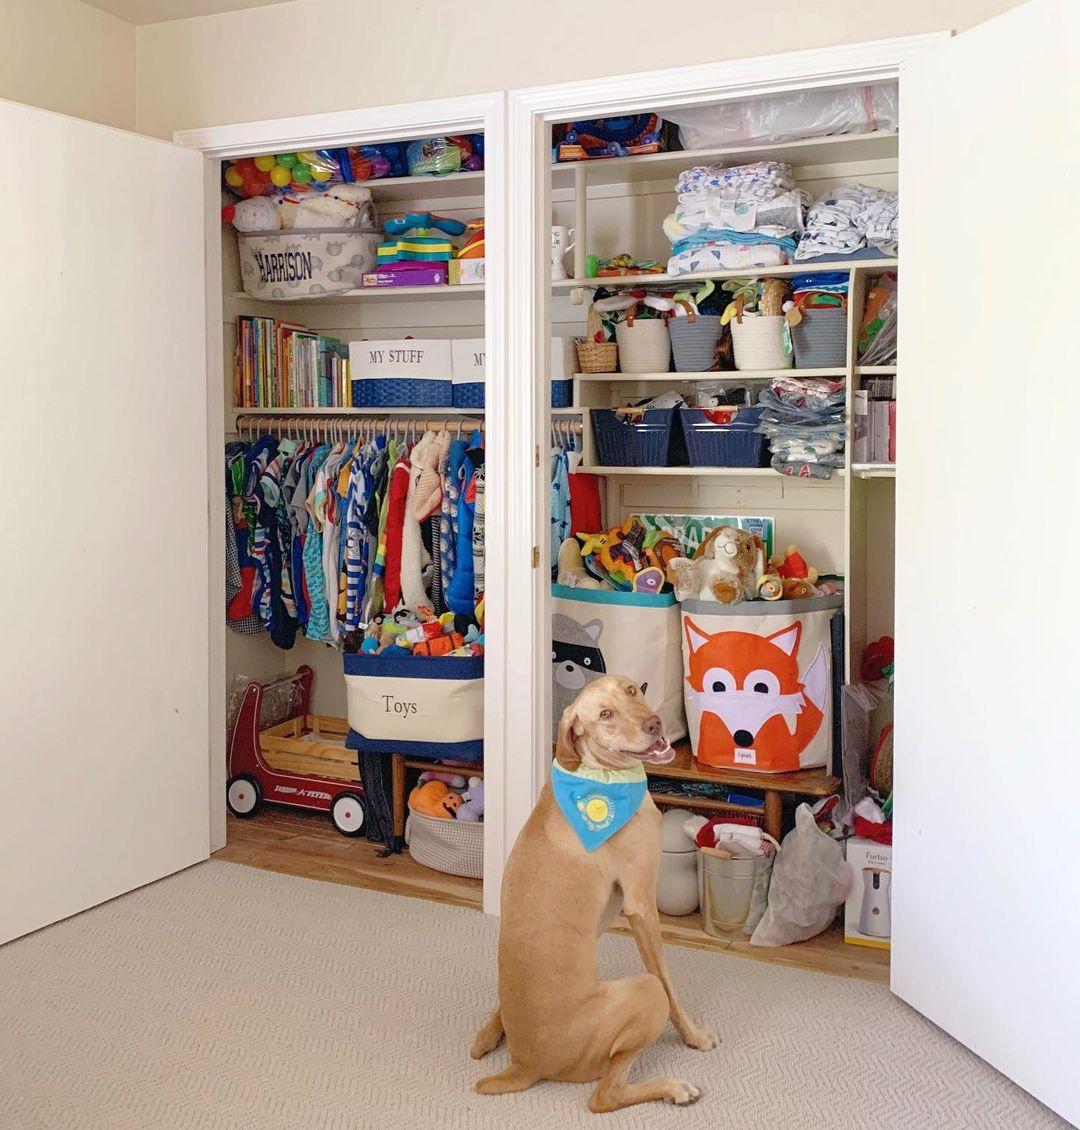 Perro y su guardarropas